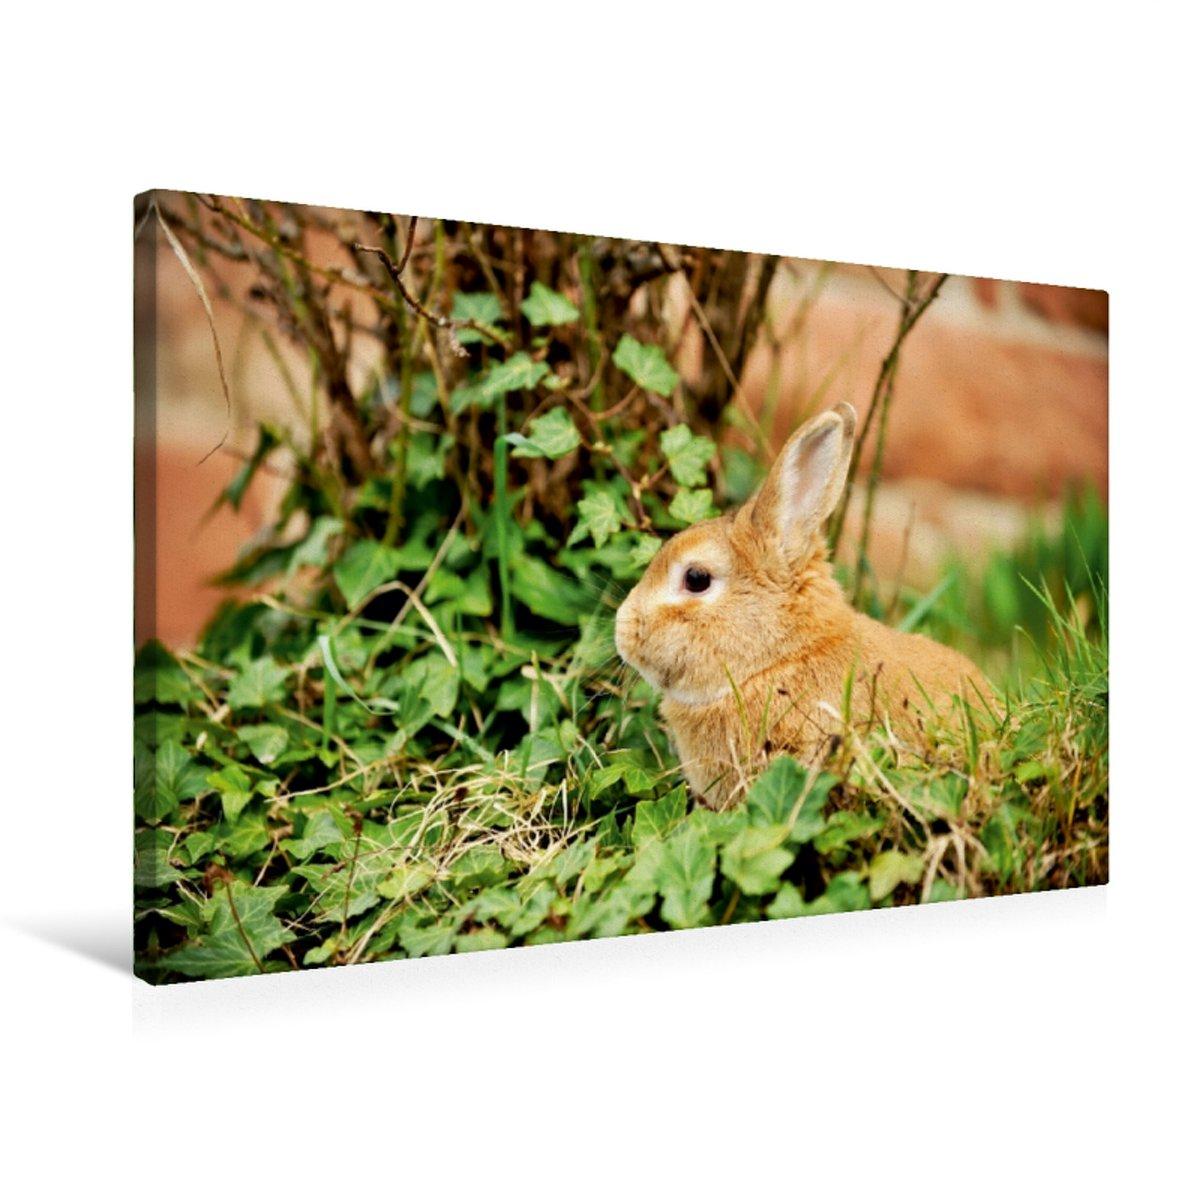 75x50 Premium Textile Canvas 75 x 50 cm Landscape in Bush Sits a Dwarf Rabbit